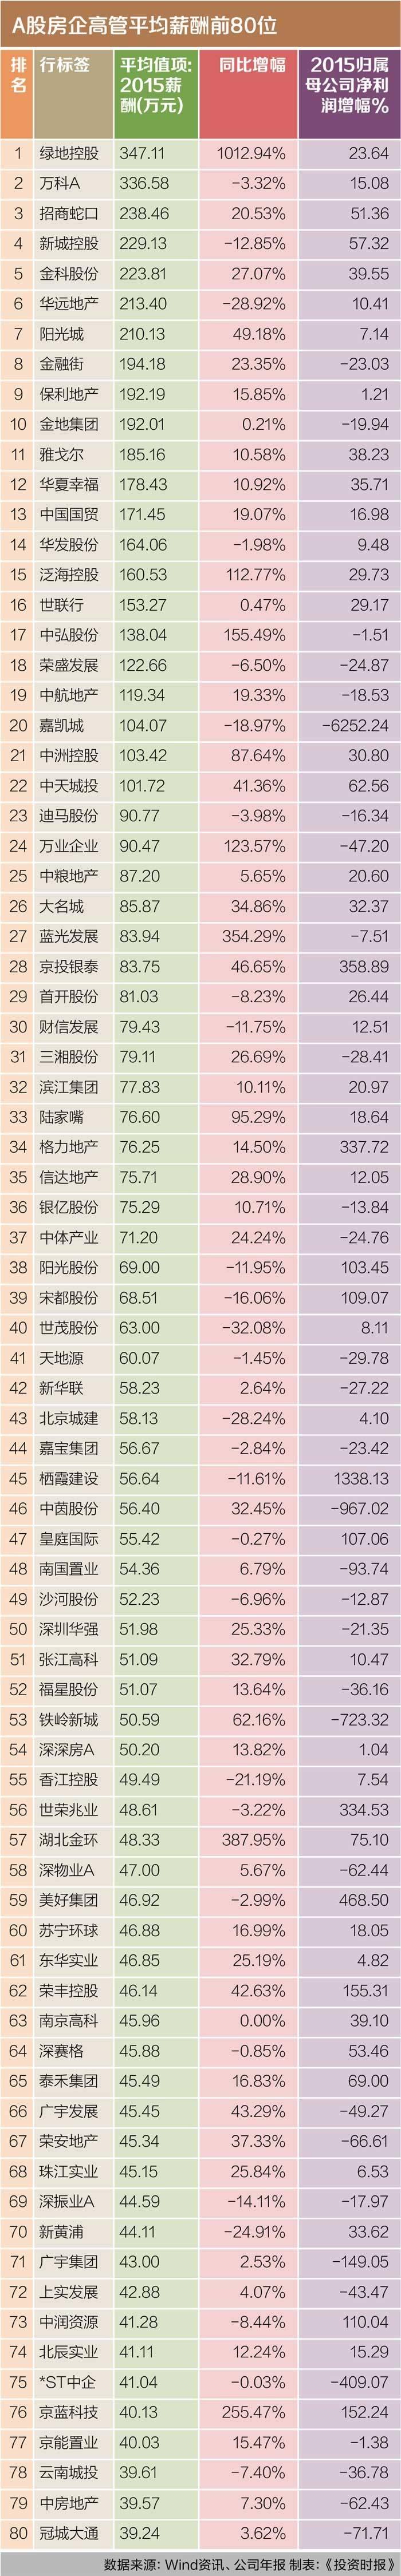 """是的,哪怕地王还在不断涌现,哪怕上海松江一块被水稻围的土地日前也能拍到3.7万元一平米,但房地产商的日子并不好过。事实上,有近半数A股房地产上市公司2015年归属母公司股东净利润出现下滑。与此同时,近四成房企的高管人均薪酬同比下降。记住,从A股房地产上市公司领薪的高管们,已彻底从""""千万俱乐部""""的名单中消失了。"""